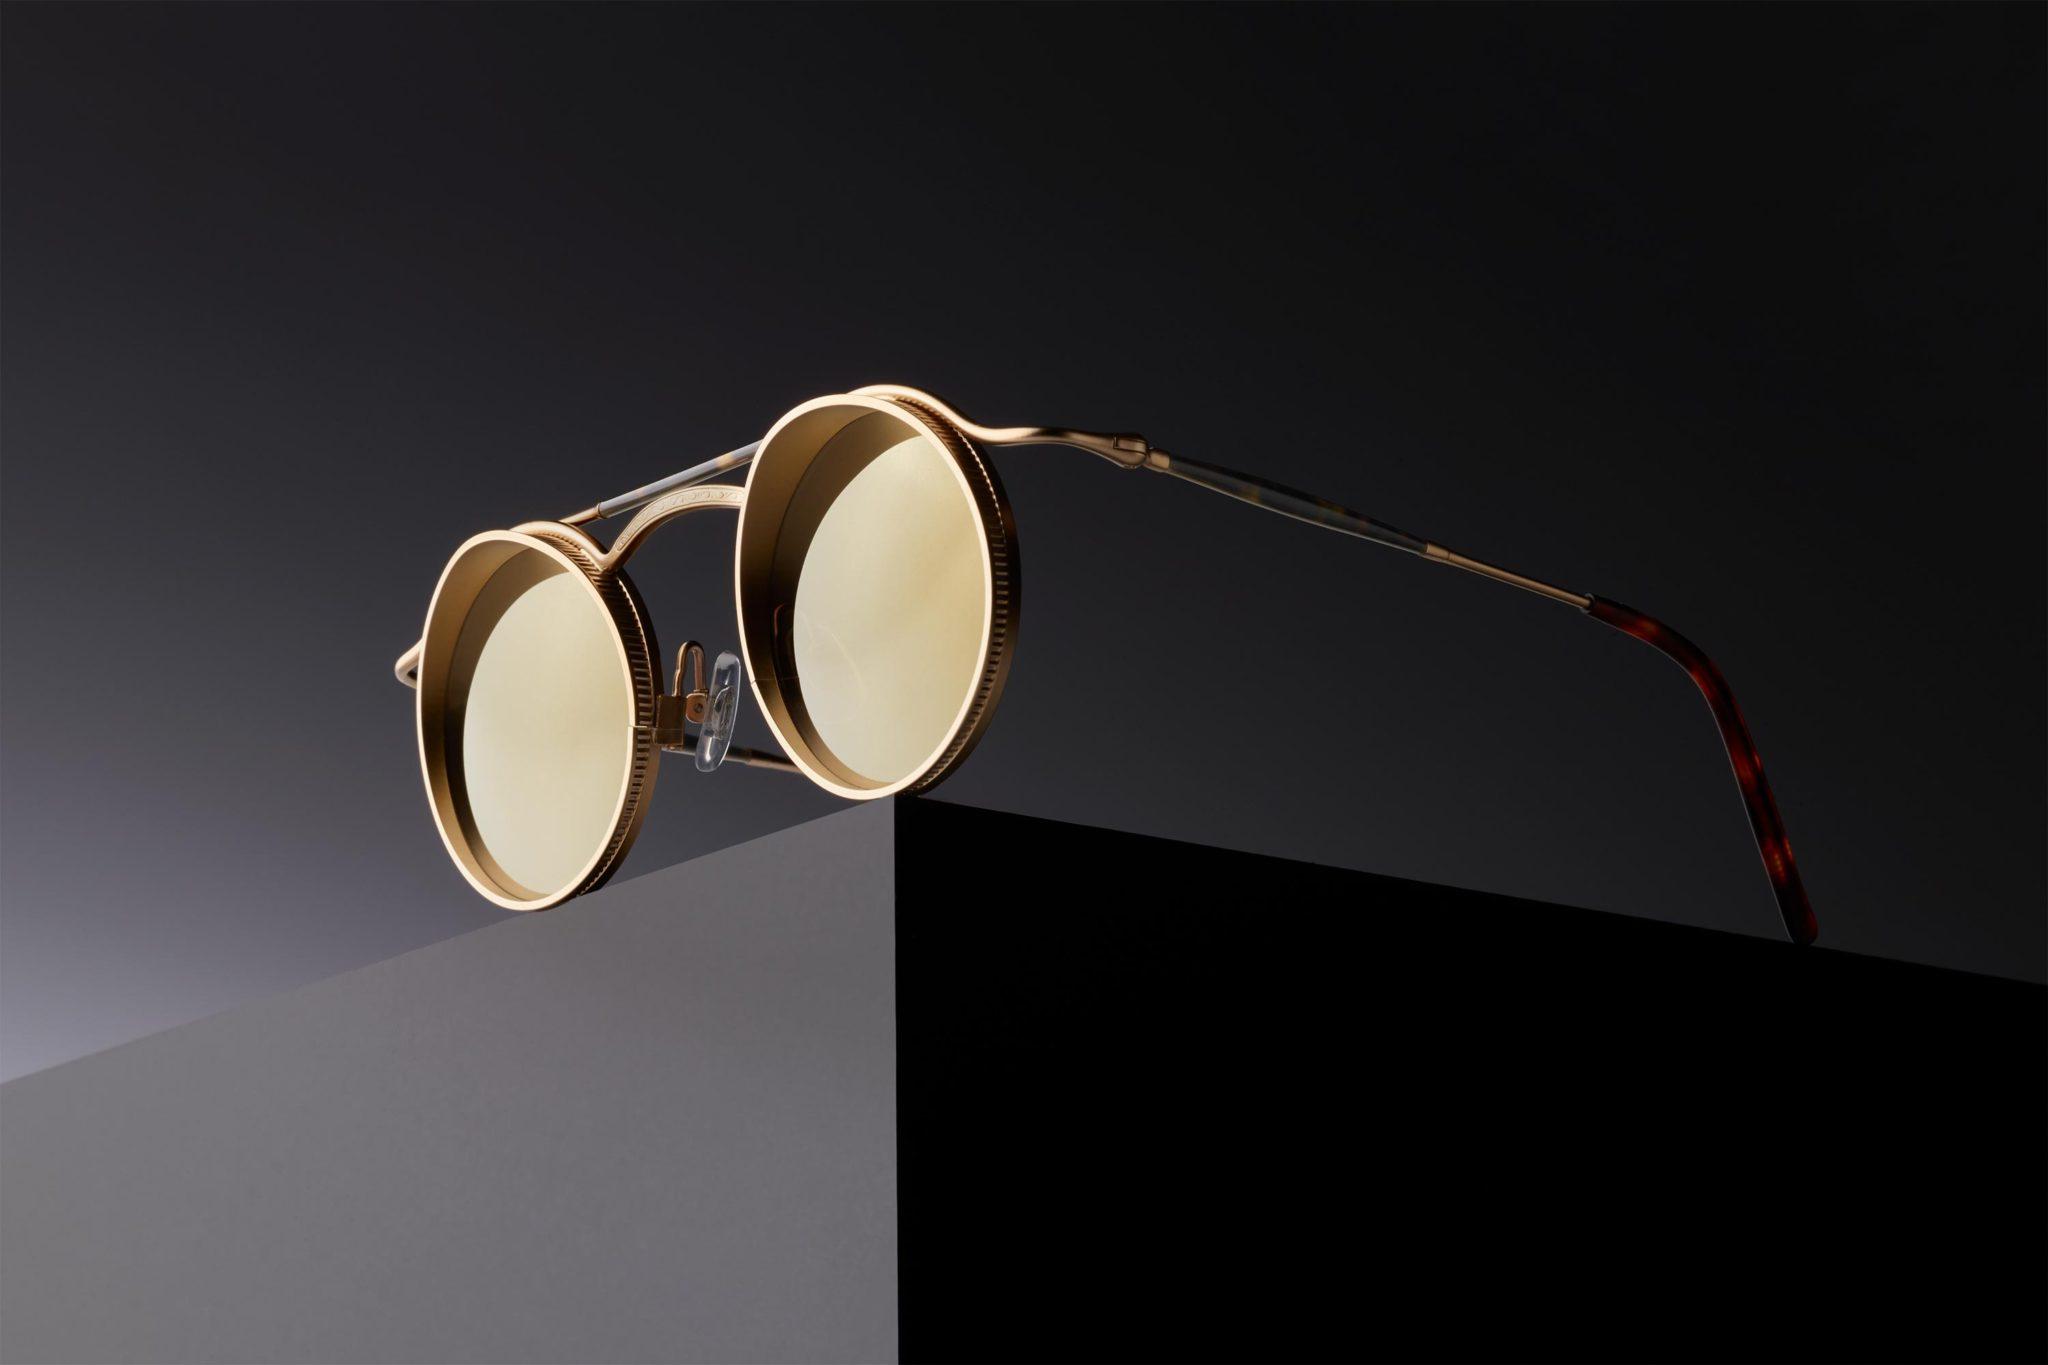 matsuda-eyewear-2903h-mgp-2-1